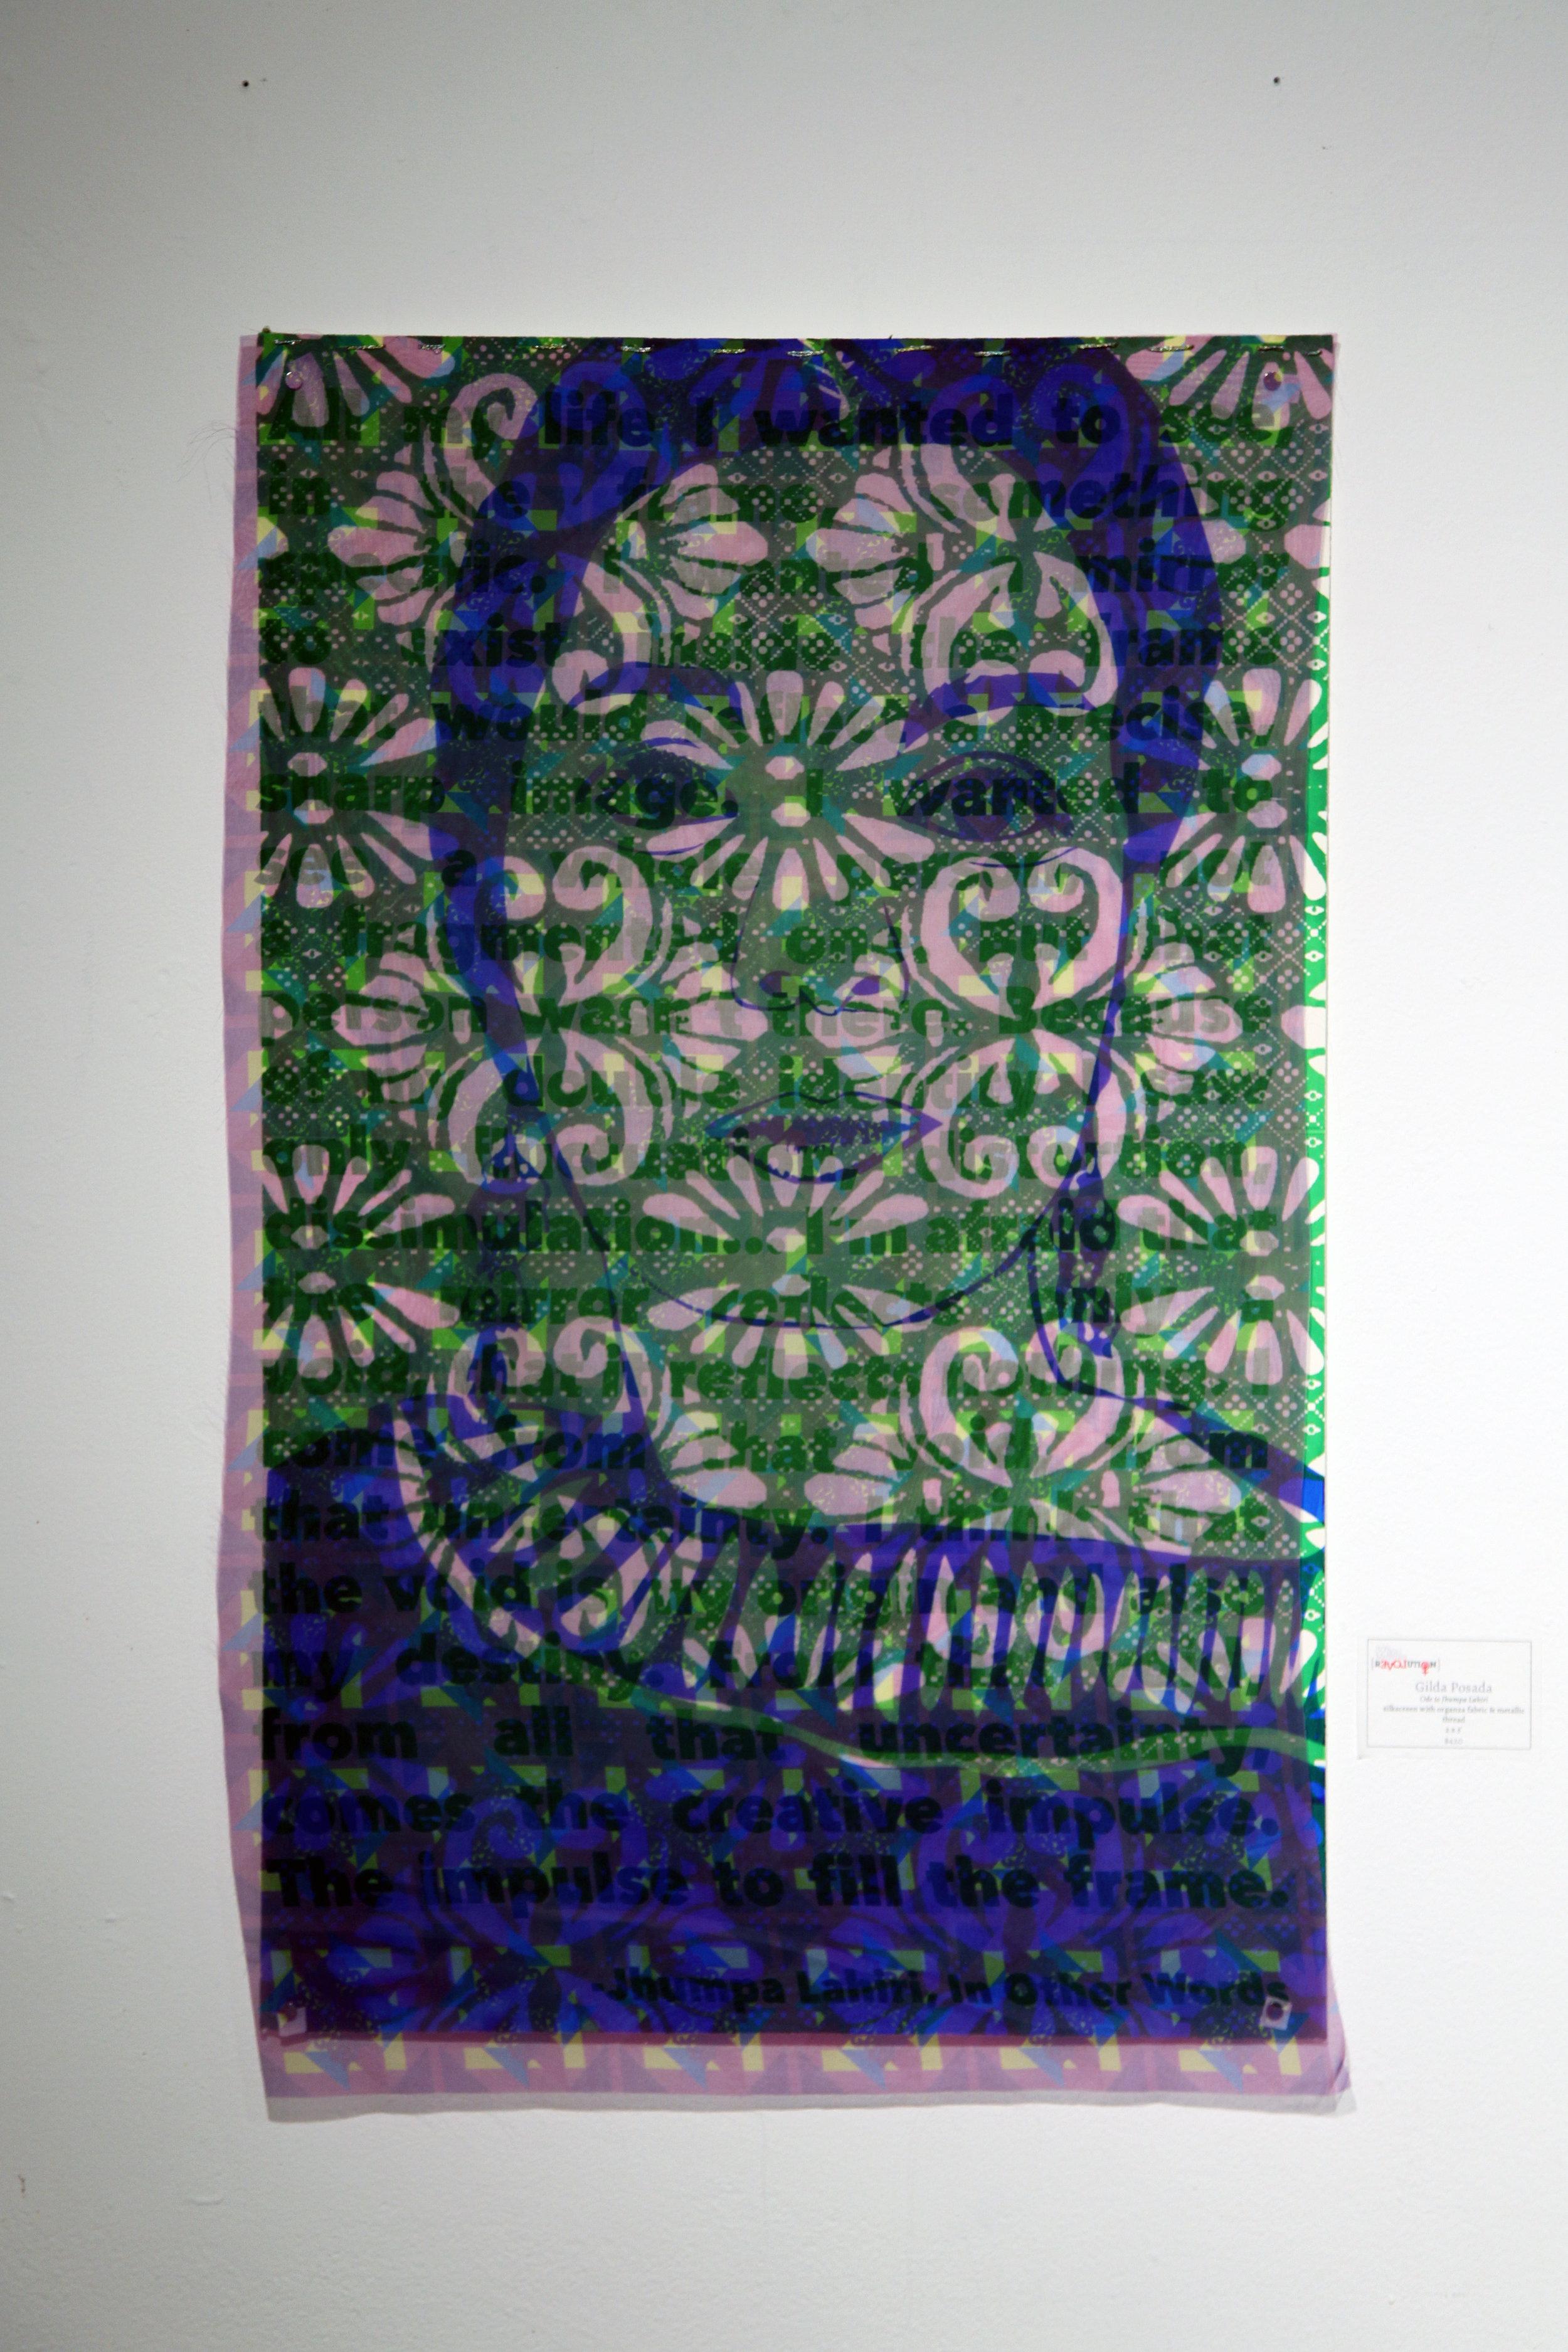 Oda a Jhumpa Lahiri Silkscreen and Organza Fabric with Gold Thread 2017